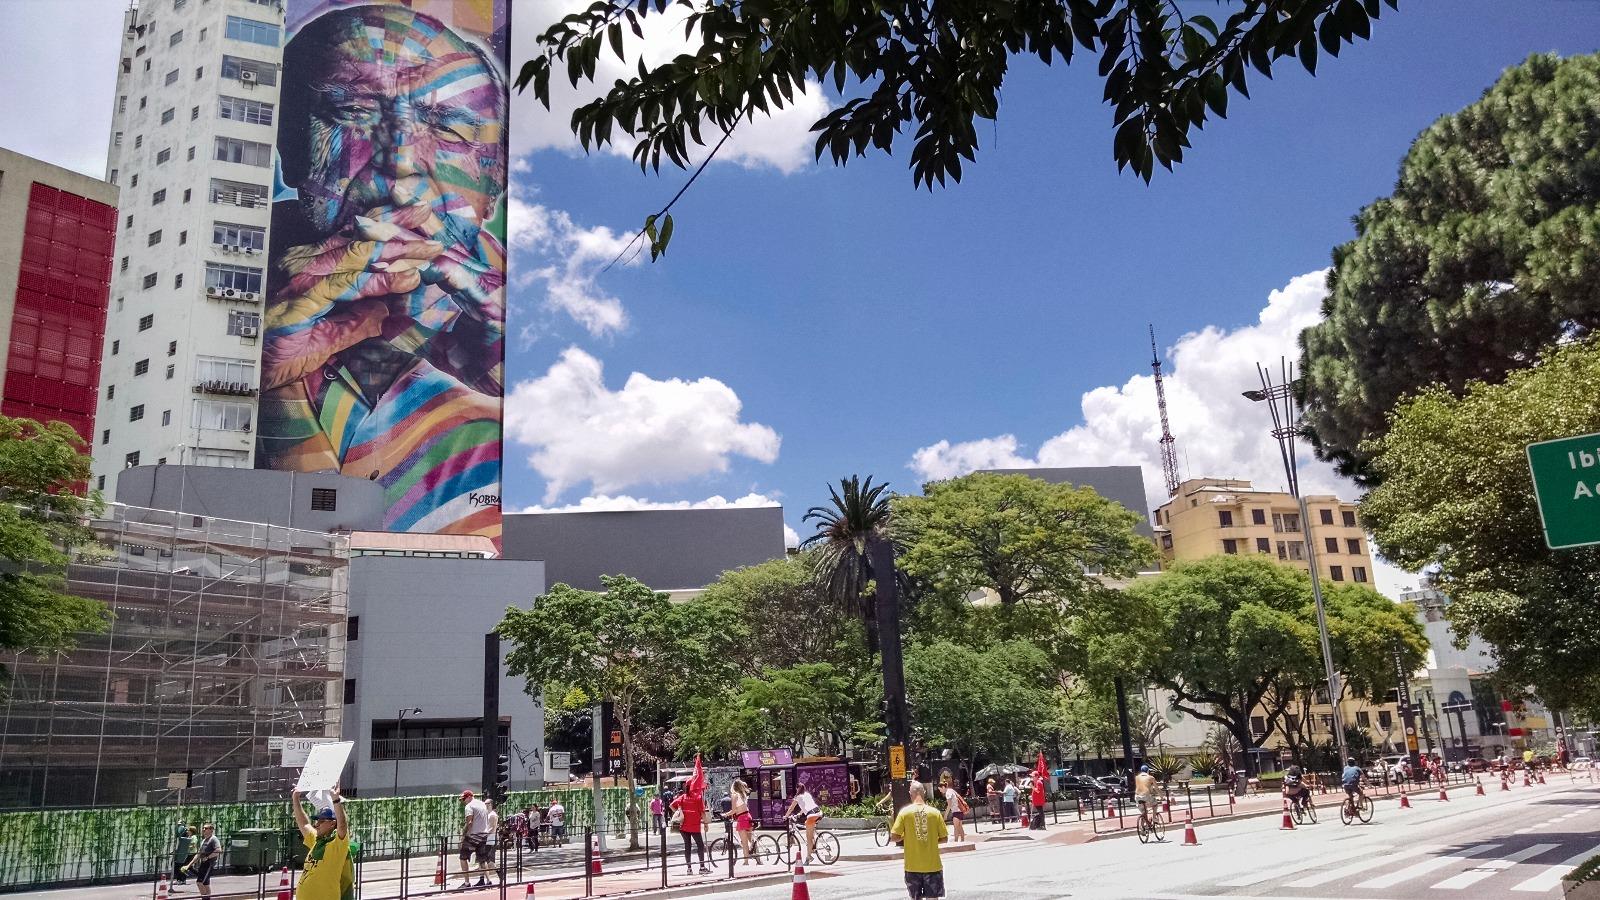 Oscar Niemeyer Av Paulista, Oscar Niemeyer grafite Cobra,Oscar Niemeyer Av Paulista, Oscar Niemeyer grafite Cobra,Oscar Niemeyer Av Paulista, Oscar Niemeyer grafite Cobra,